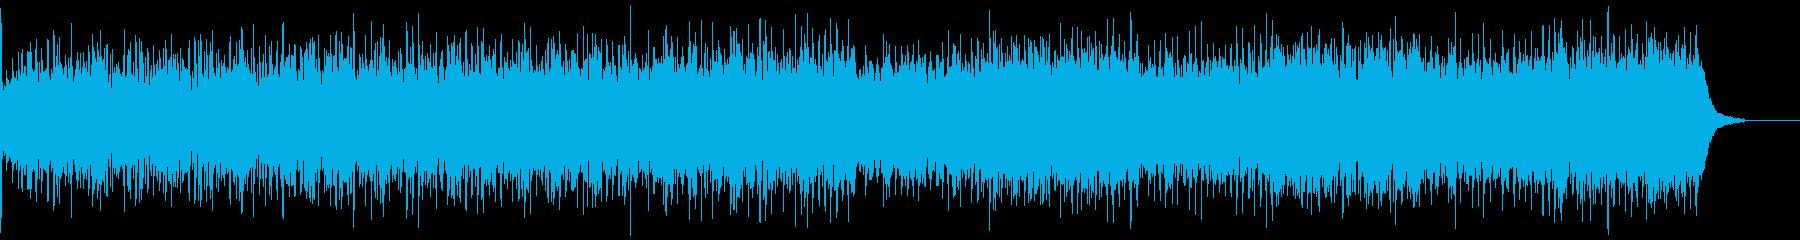 愉快な伝統的フォークミュージックの再生済みの波形